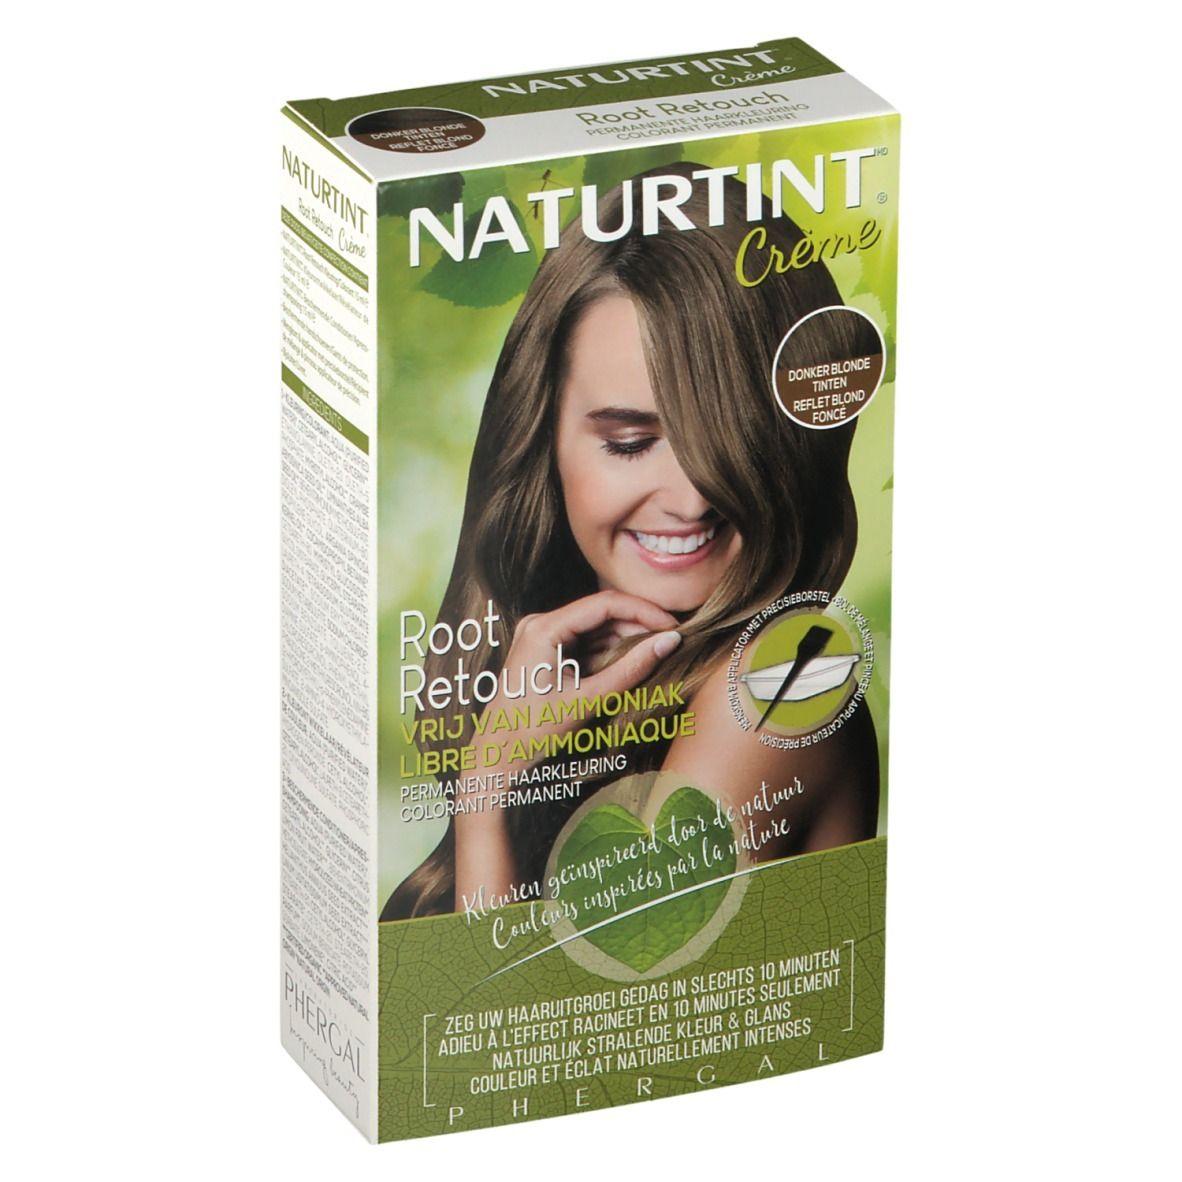 NATURTINT® Root Retouch Crème Coloration Permanente -Reflet Blond foncé ml emballage(s) combi